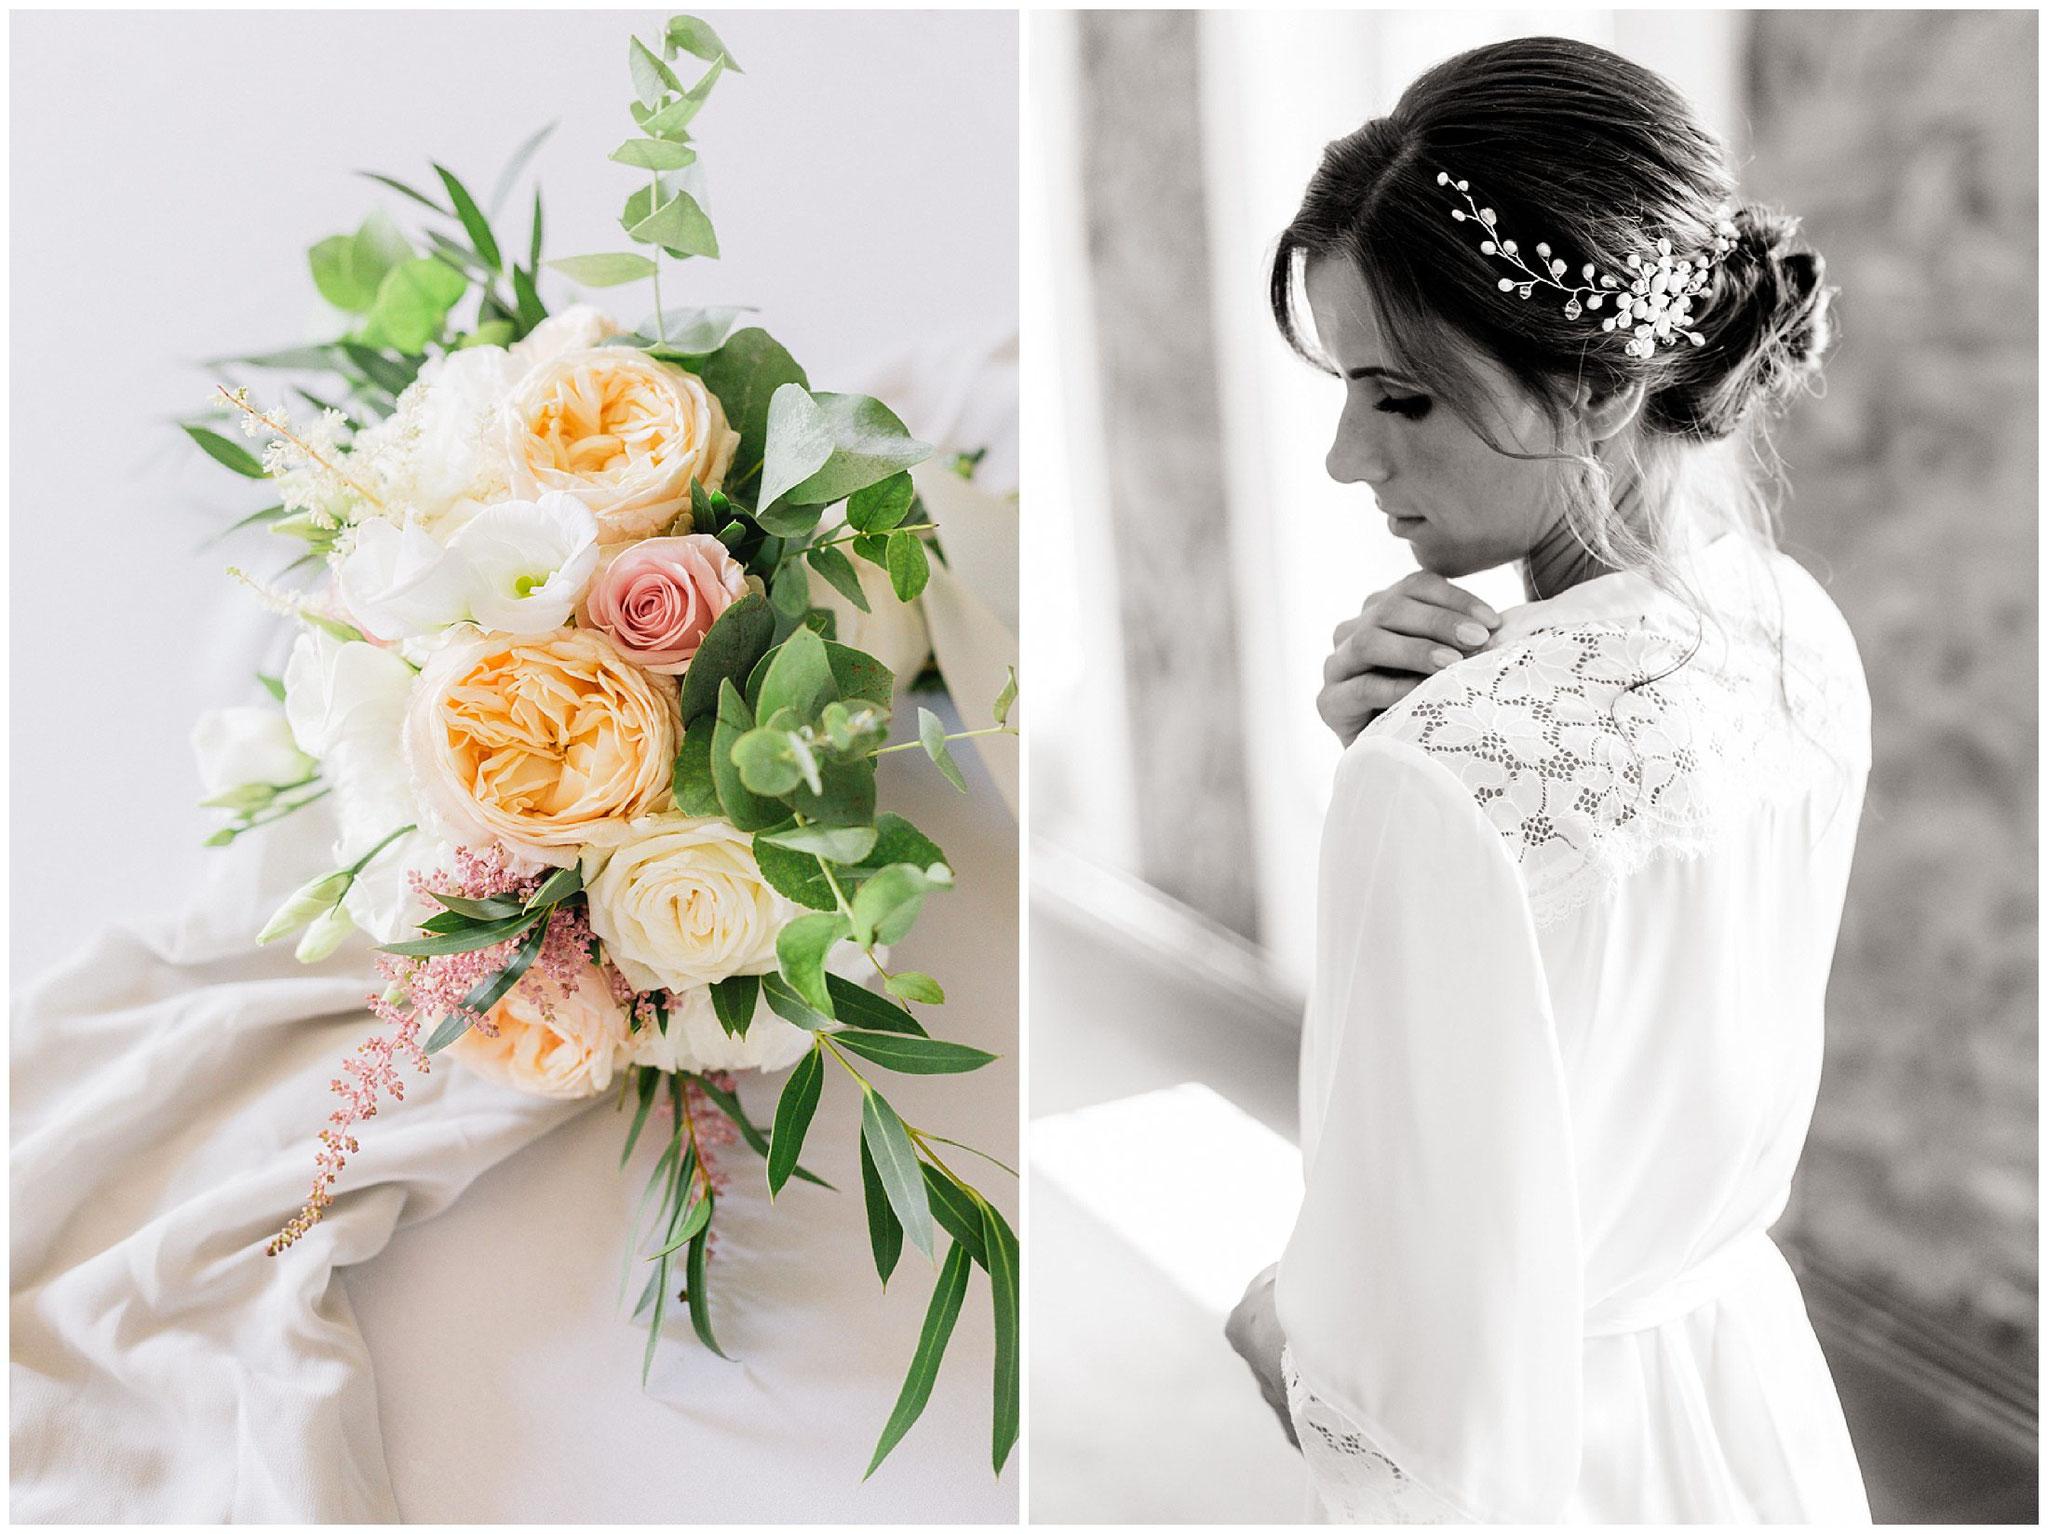 hochzeitsfotograf Engelskirchen industrial chic hochzeit fine art wedding Galerie Hammerwerk jane weber